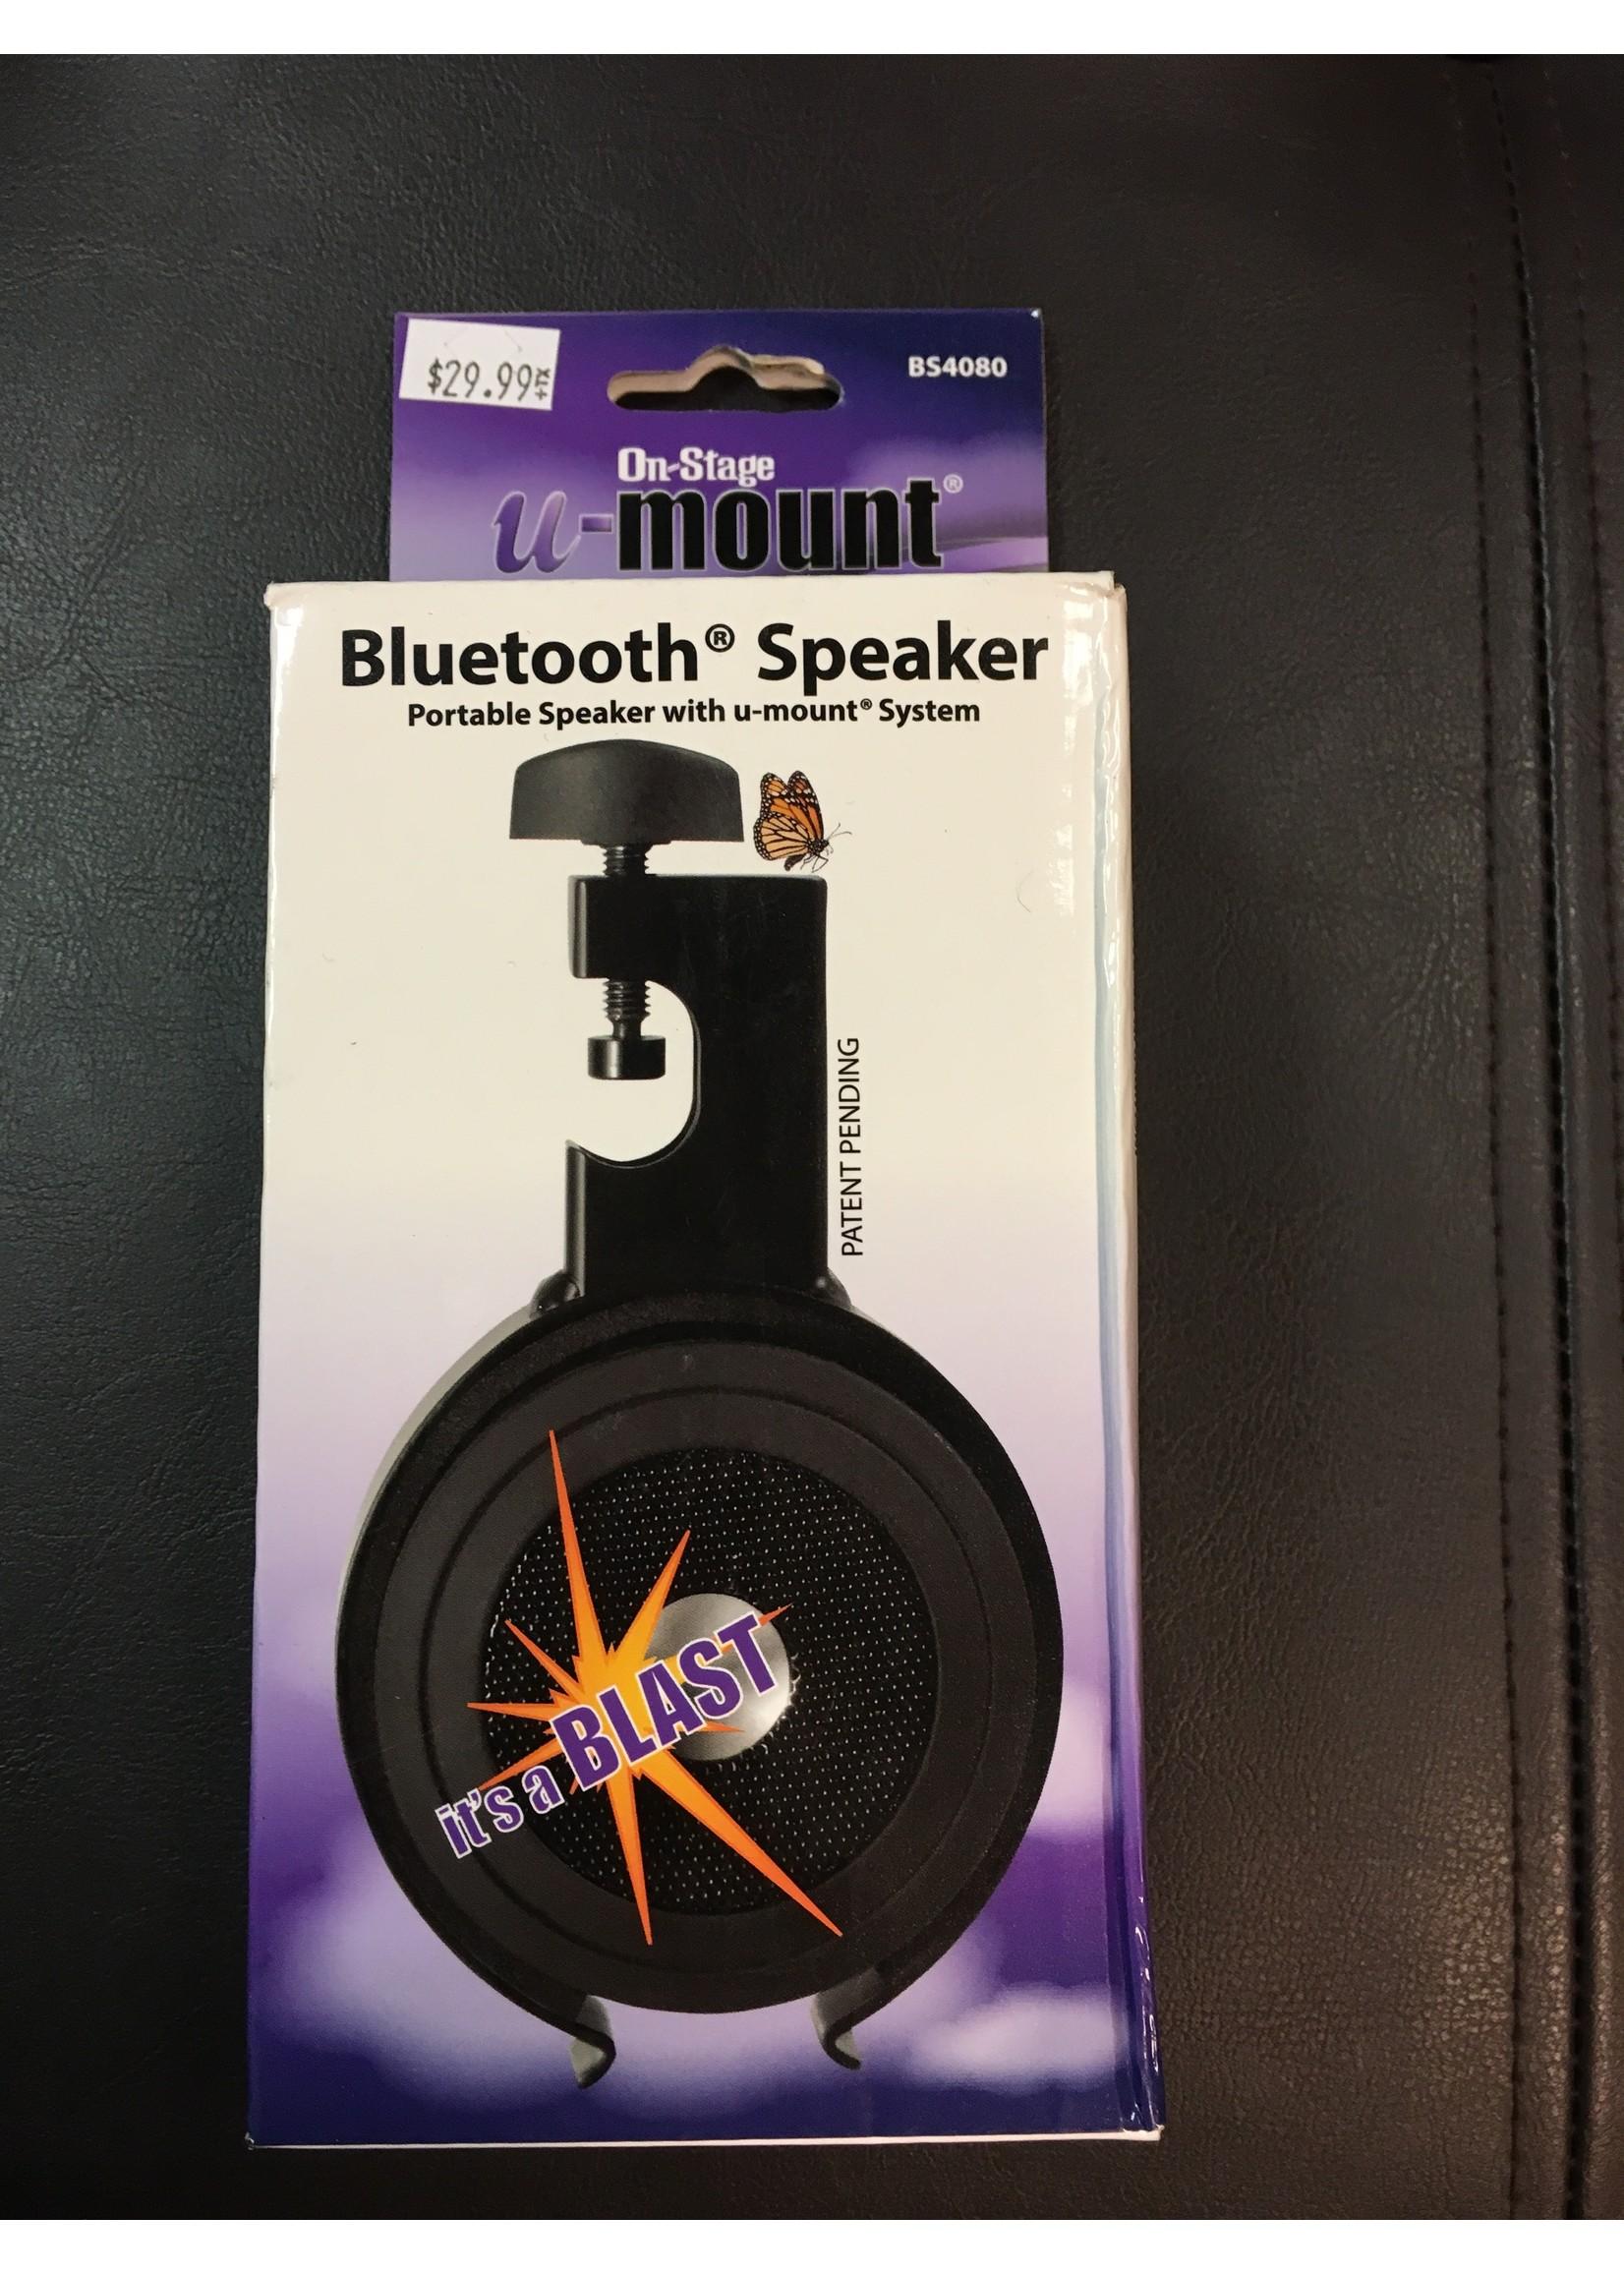 On Stage Mini Bluetooth Speaker With U-Mount Clamp